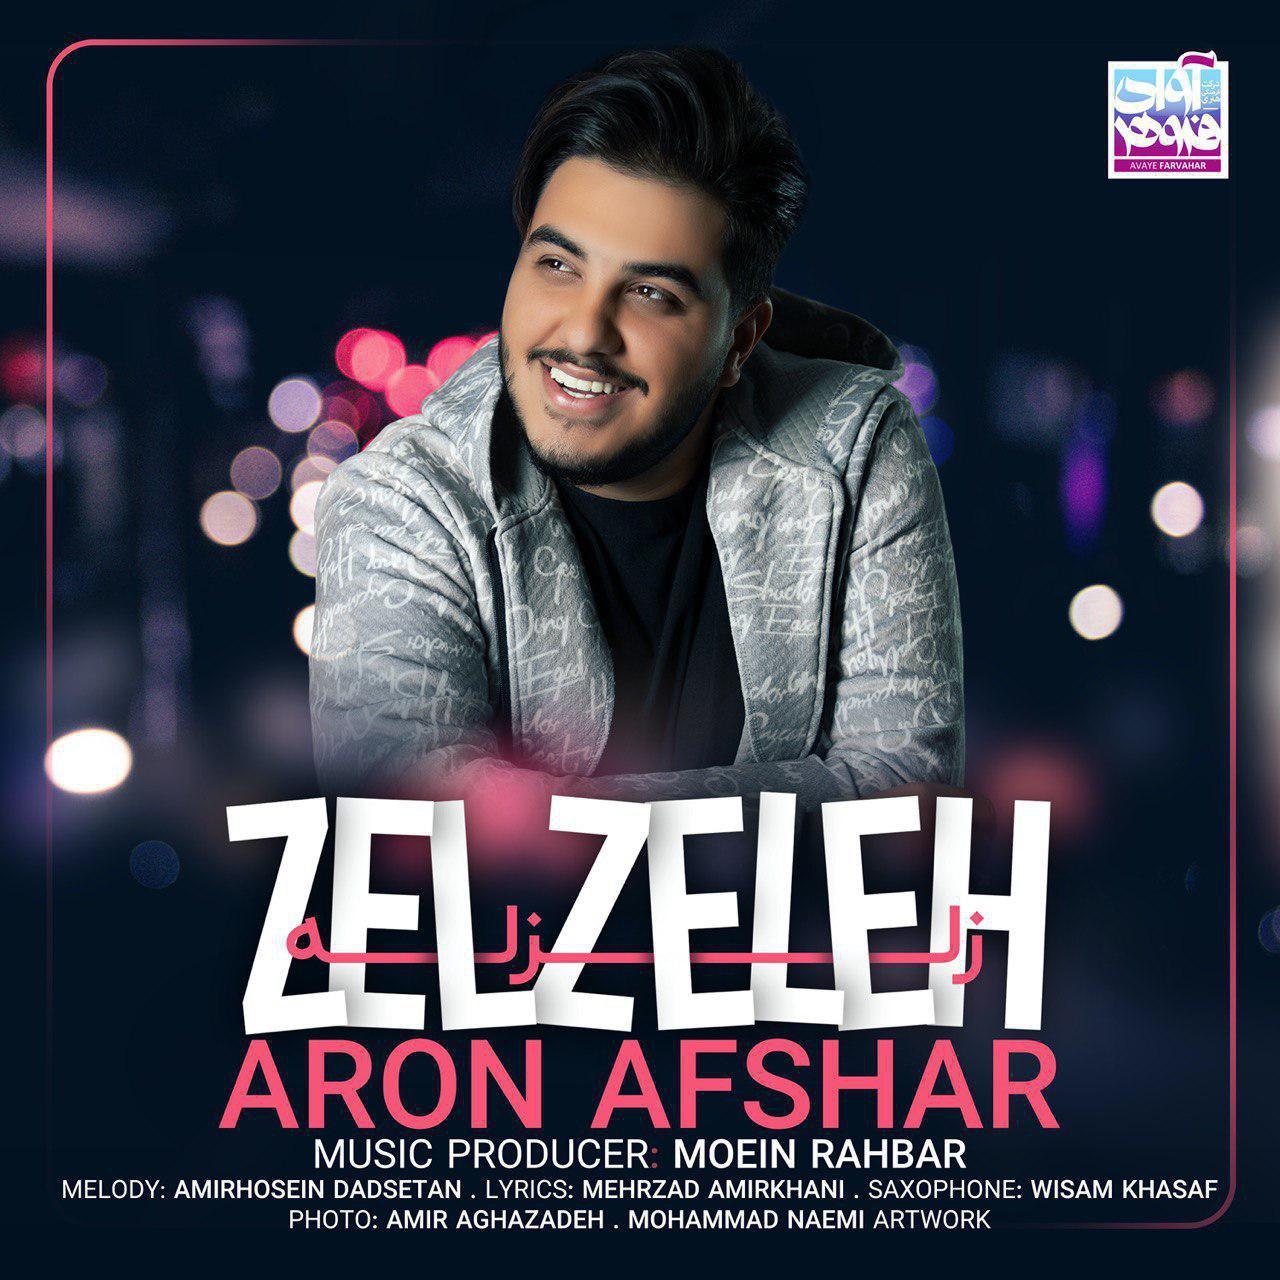 Aron Afshar – Zelzeleh